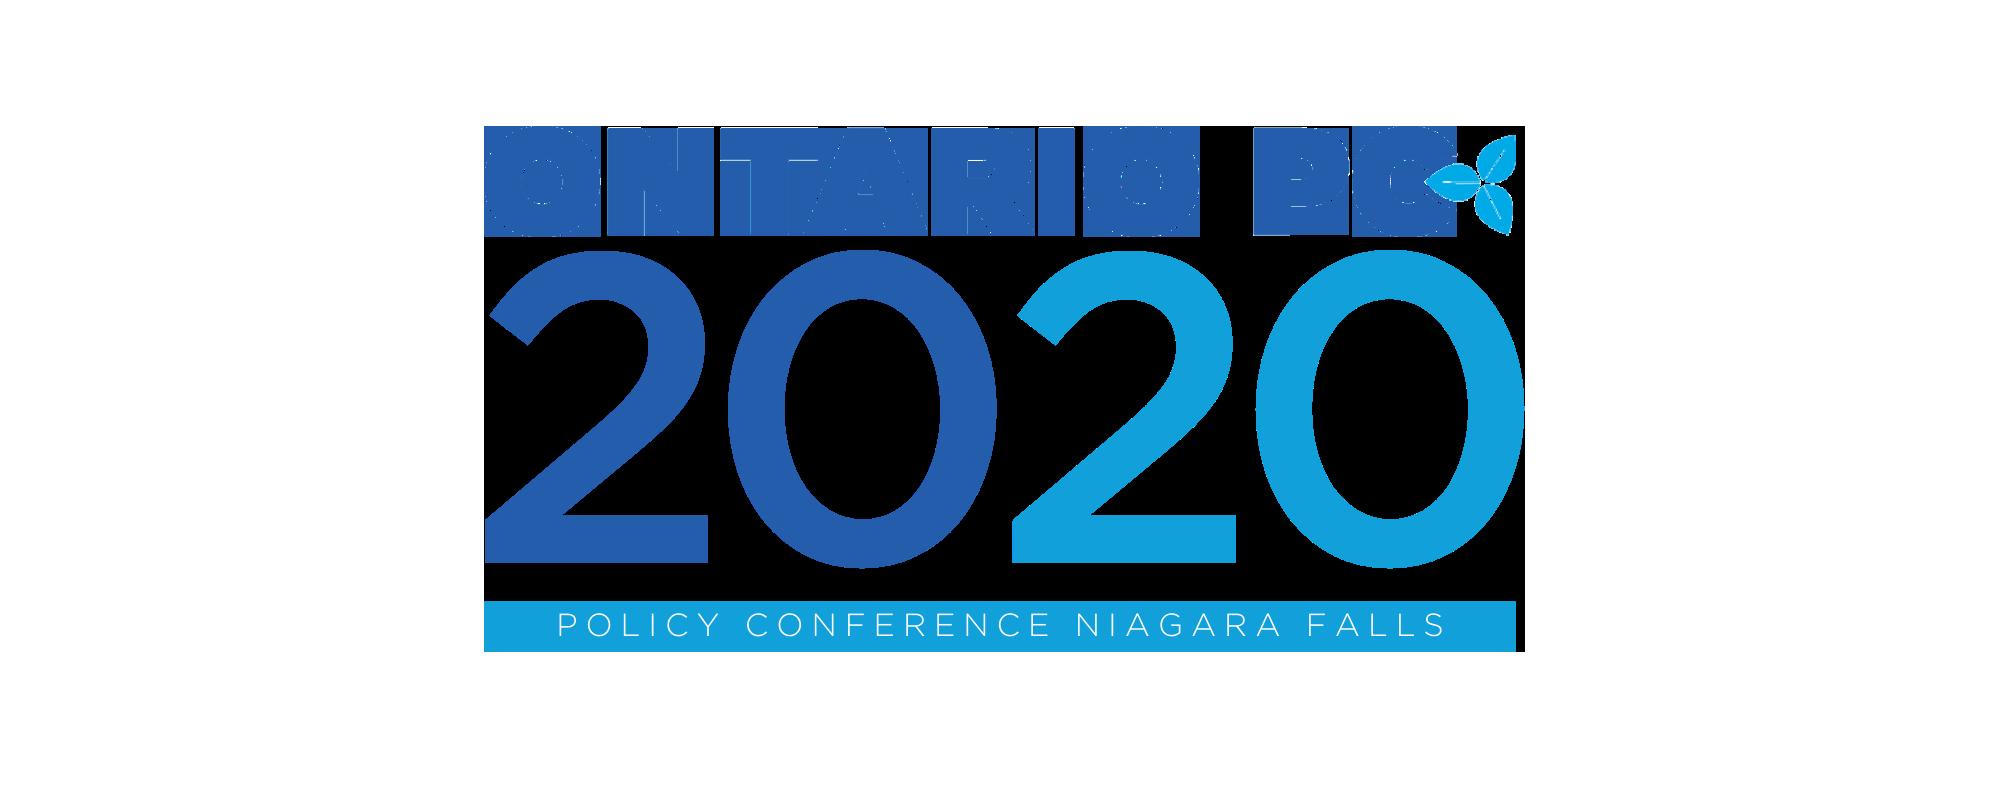 PCPO Conference 2020